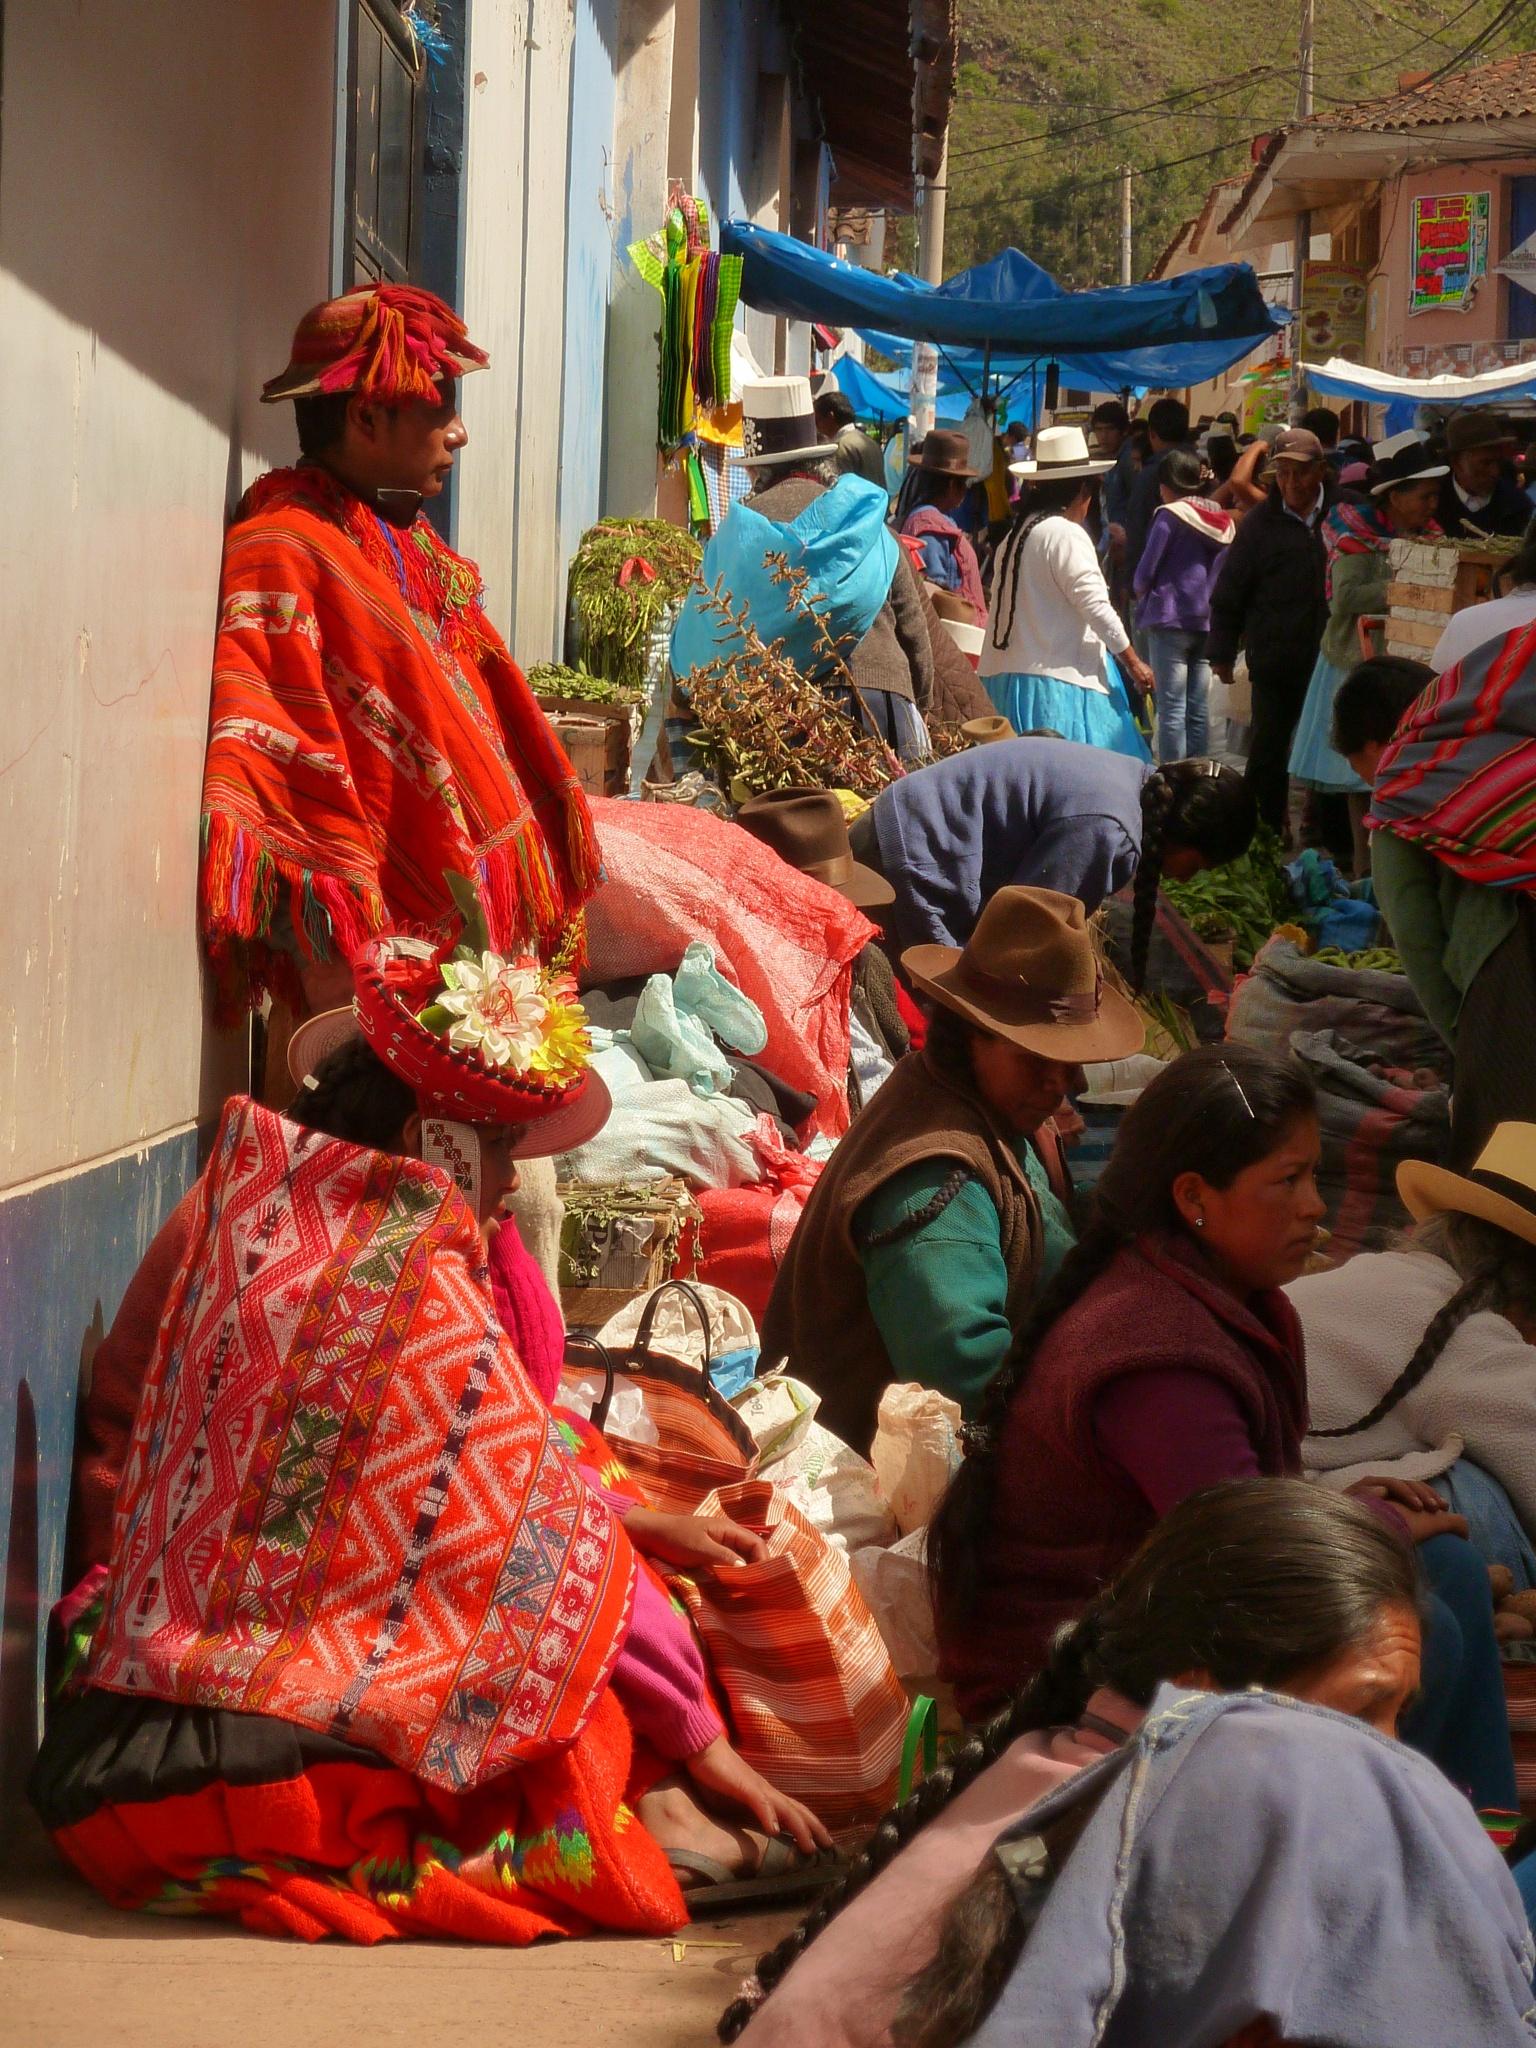 Urubamba/Local Inka Market by FredWillem